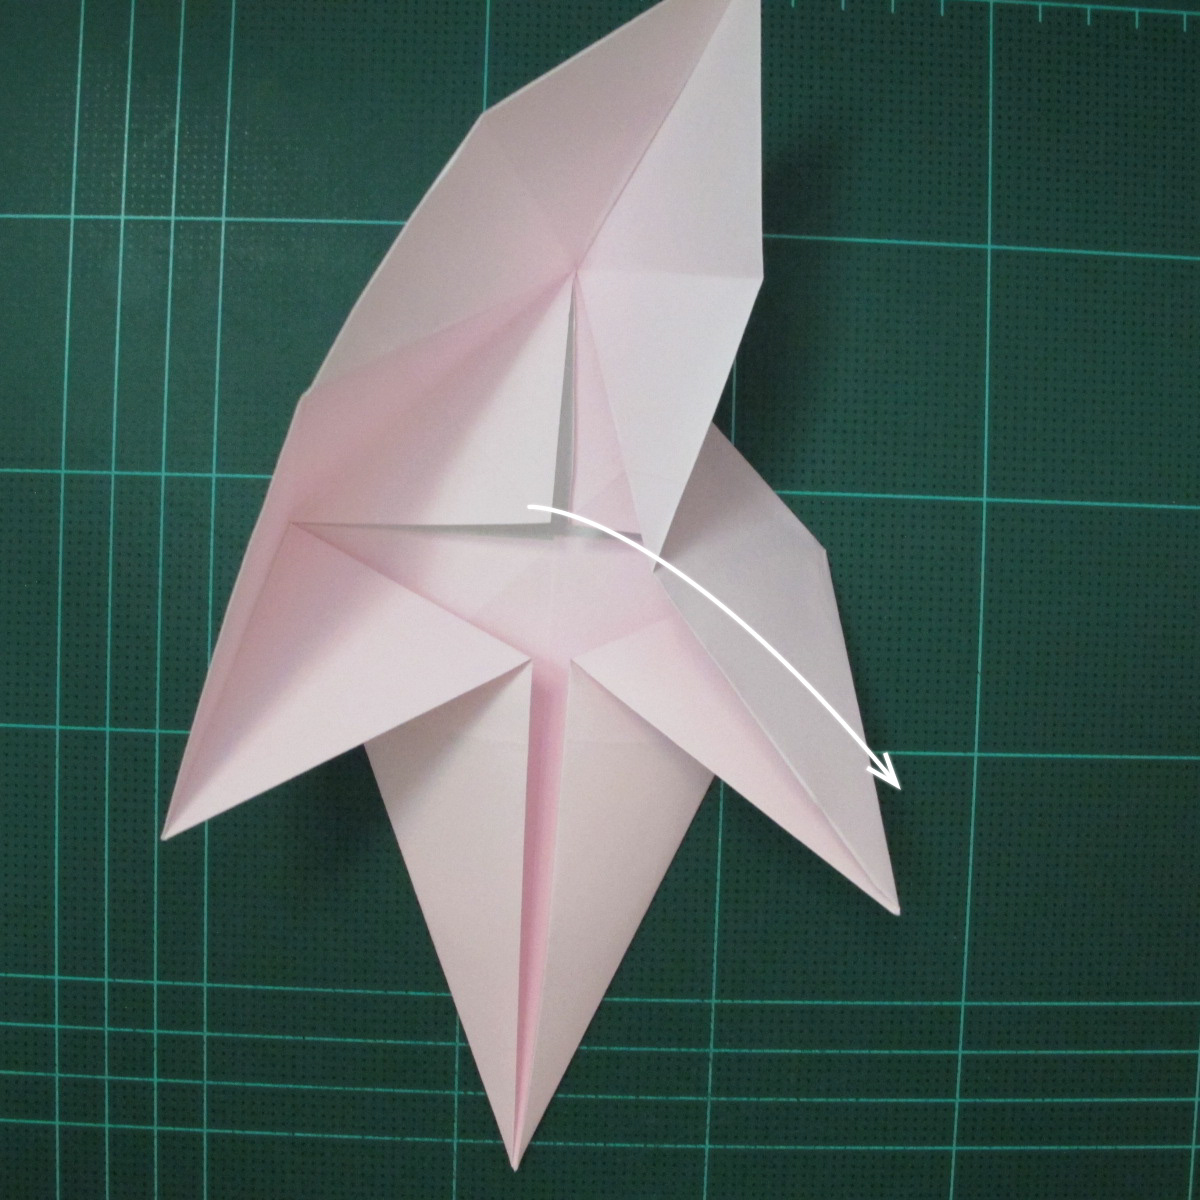 การพับกระดาษเป็นไดโนเสาร์ทีเร็กซ์ (Origami Tyrannosaurus Rex) 009